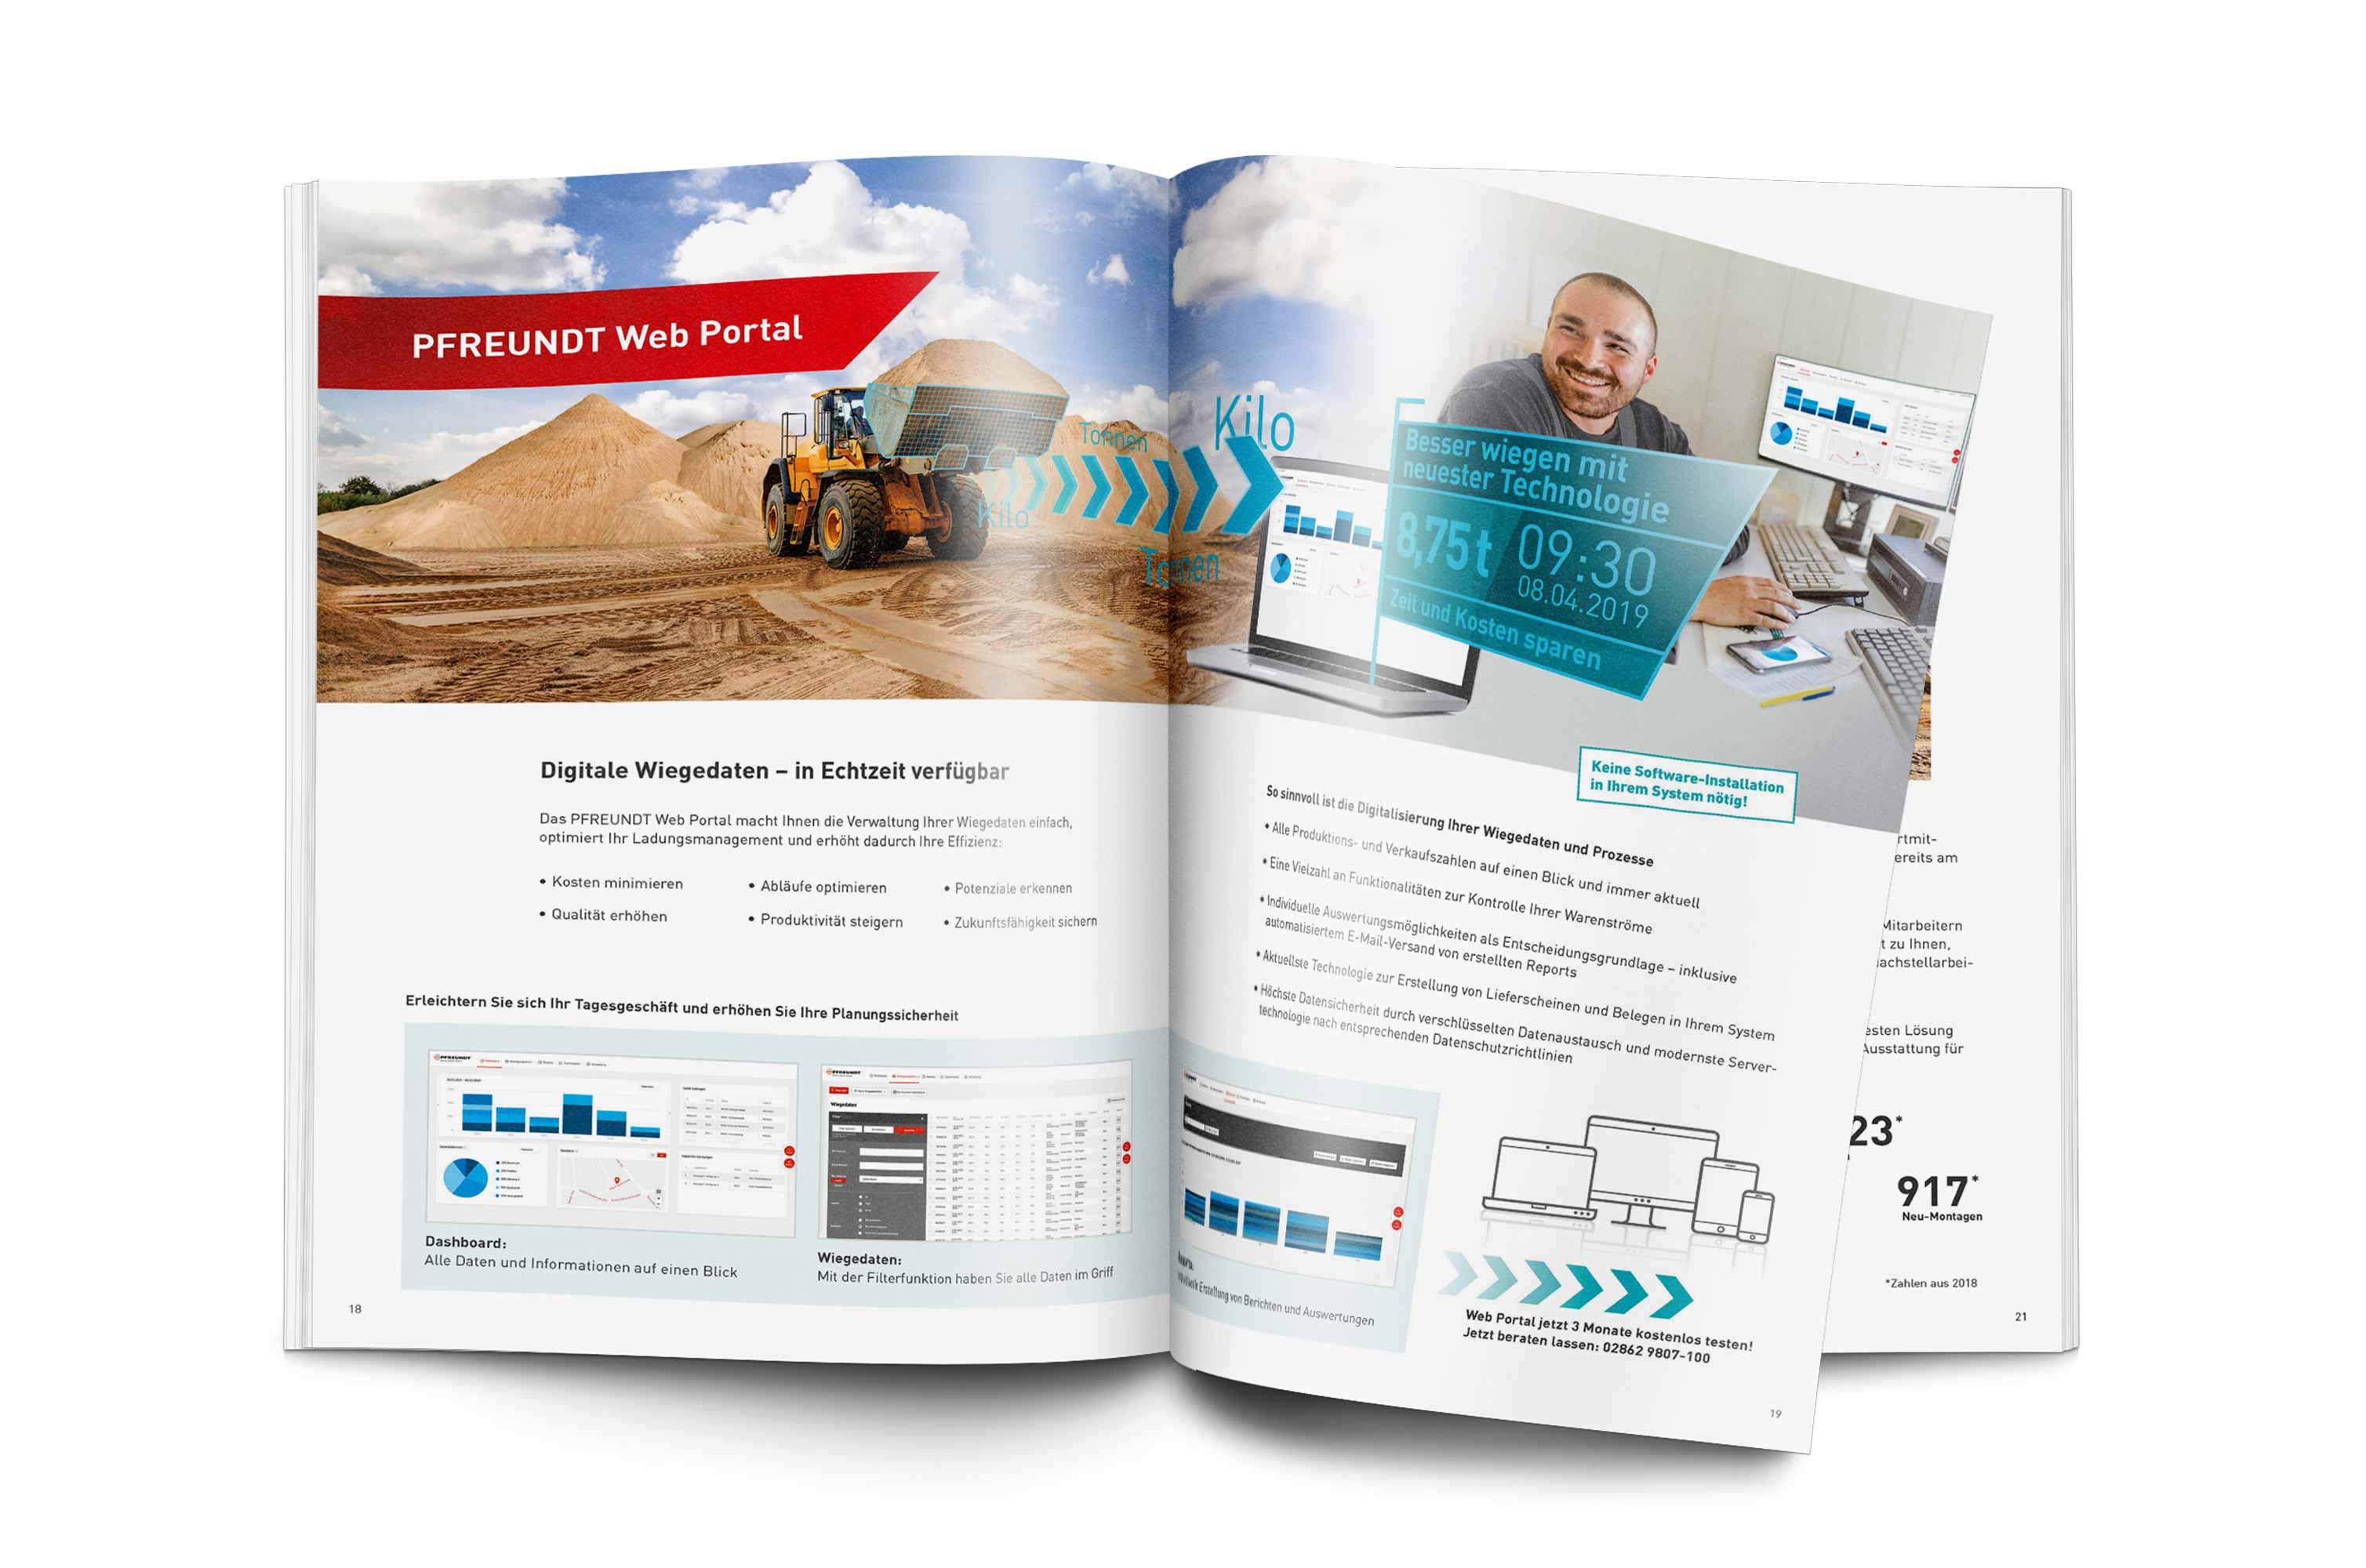 PFREUNDT Broschüre Entsorgung und Recycling – Abbildung von einer Doppelseite innen